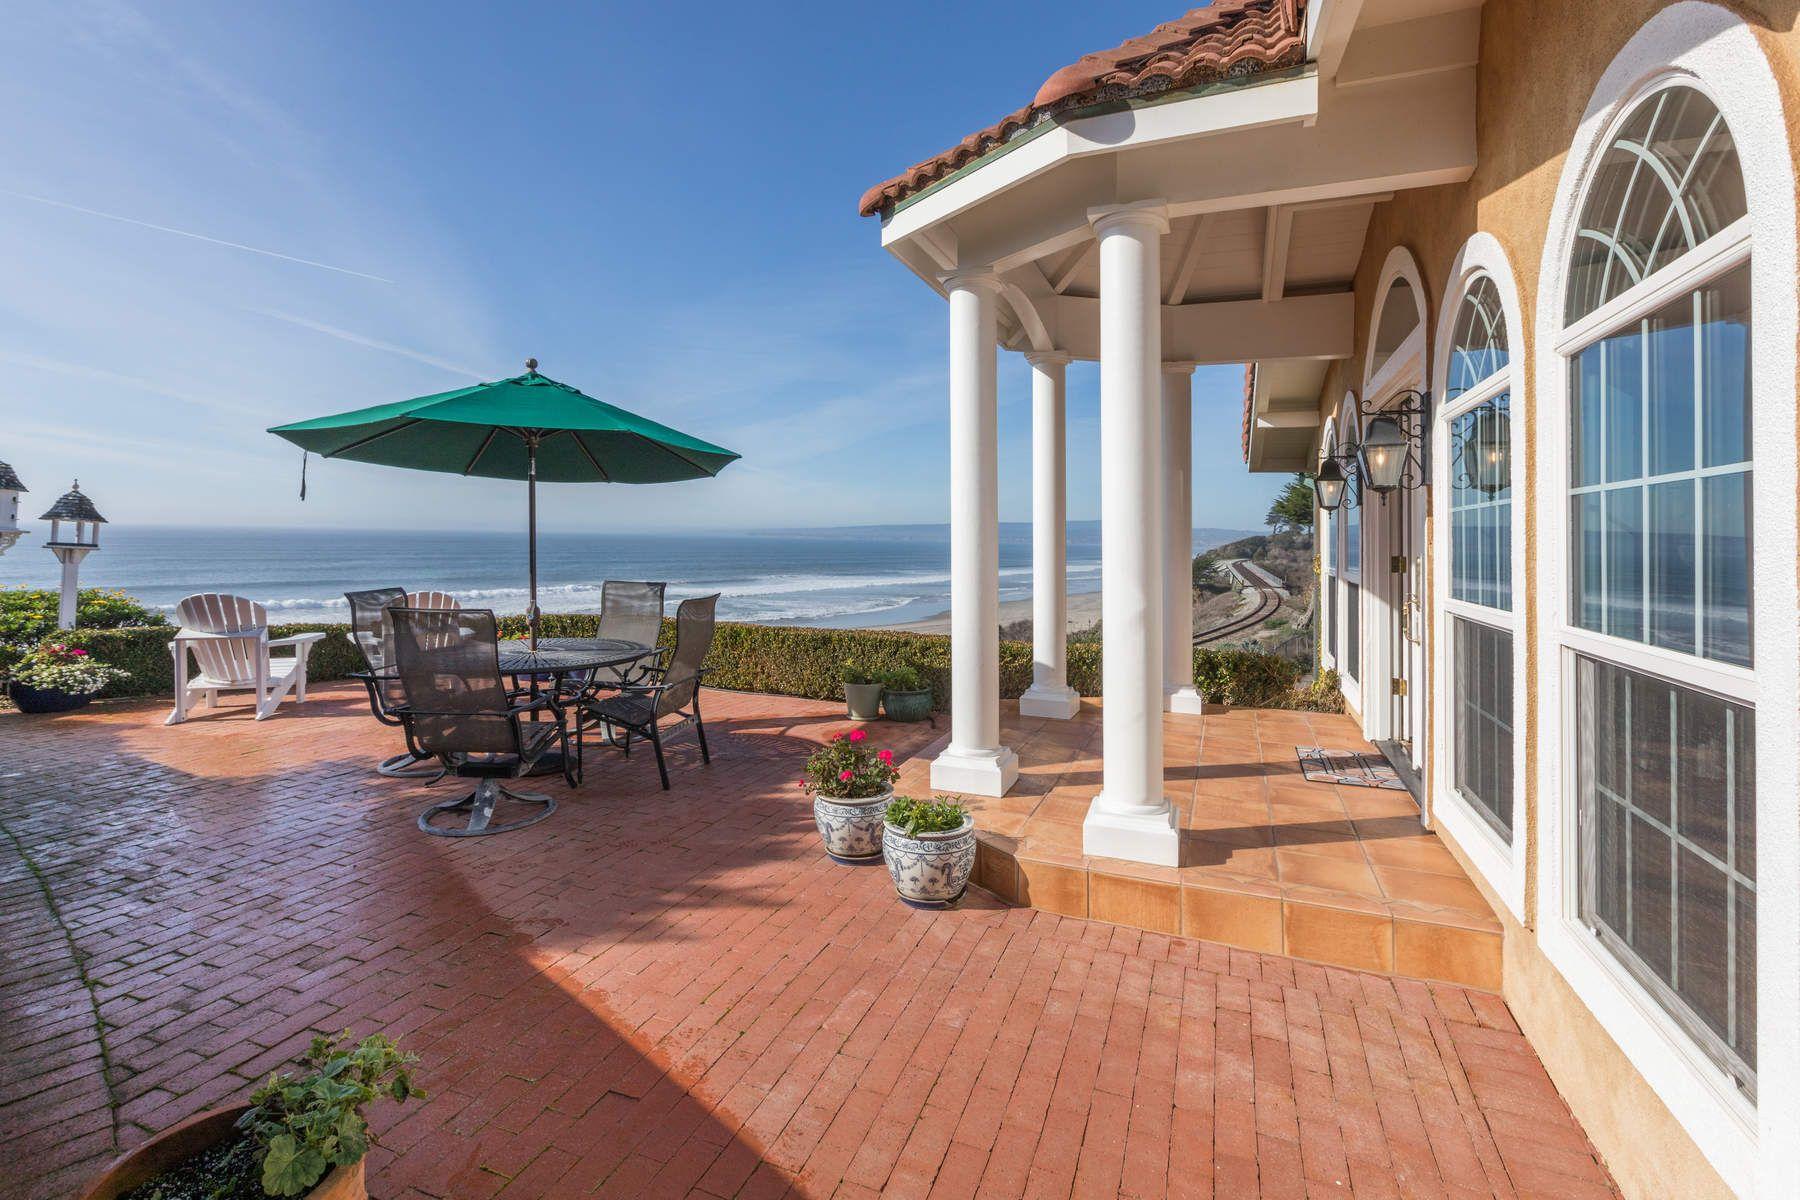 Casa Unifamiliar por un Venta en 5 Breve Avenue, La Selva Beach La Selva Beach, California 95076 Estados Unidos